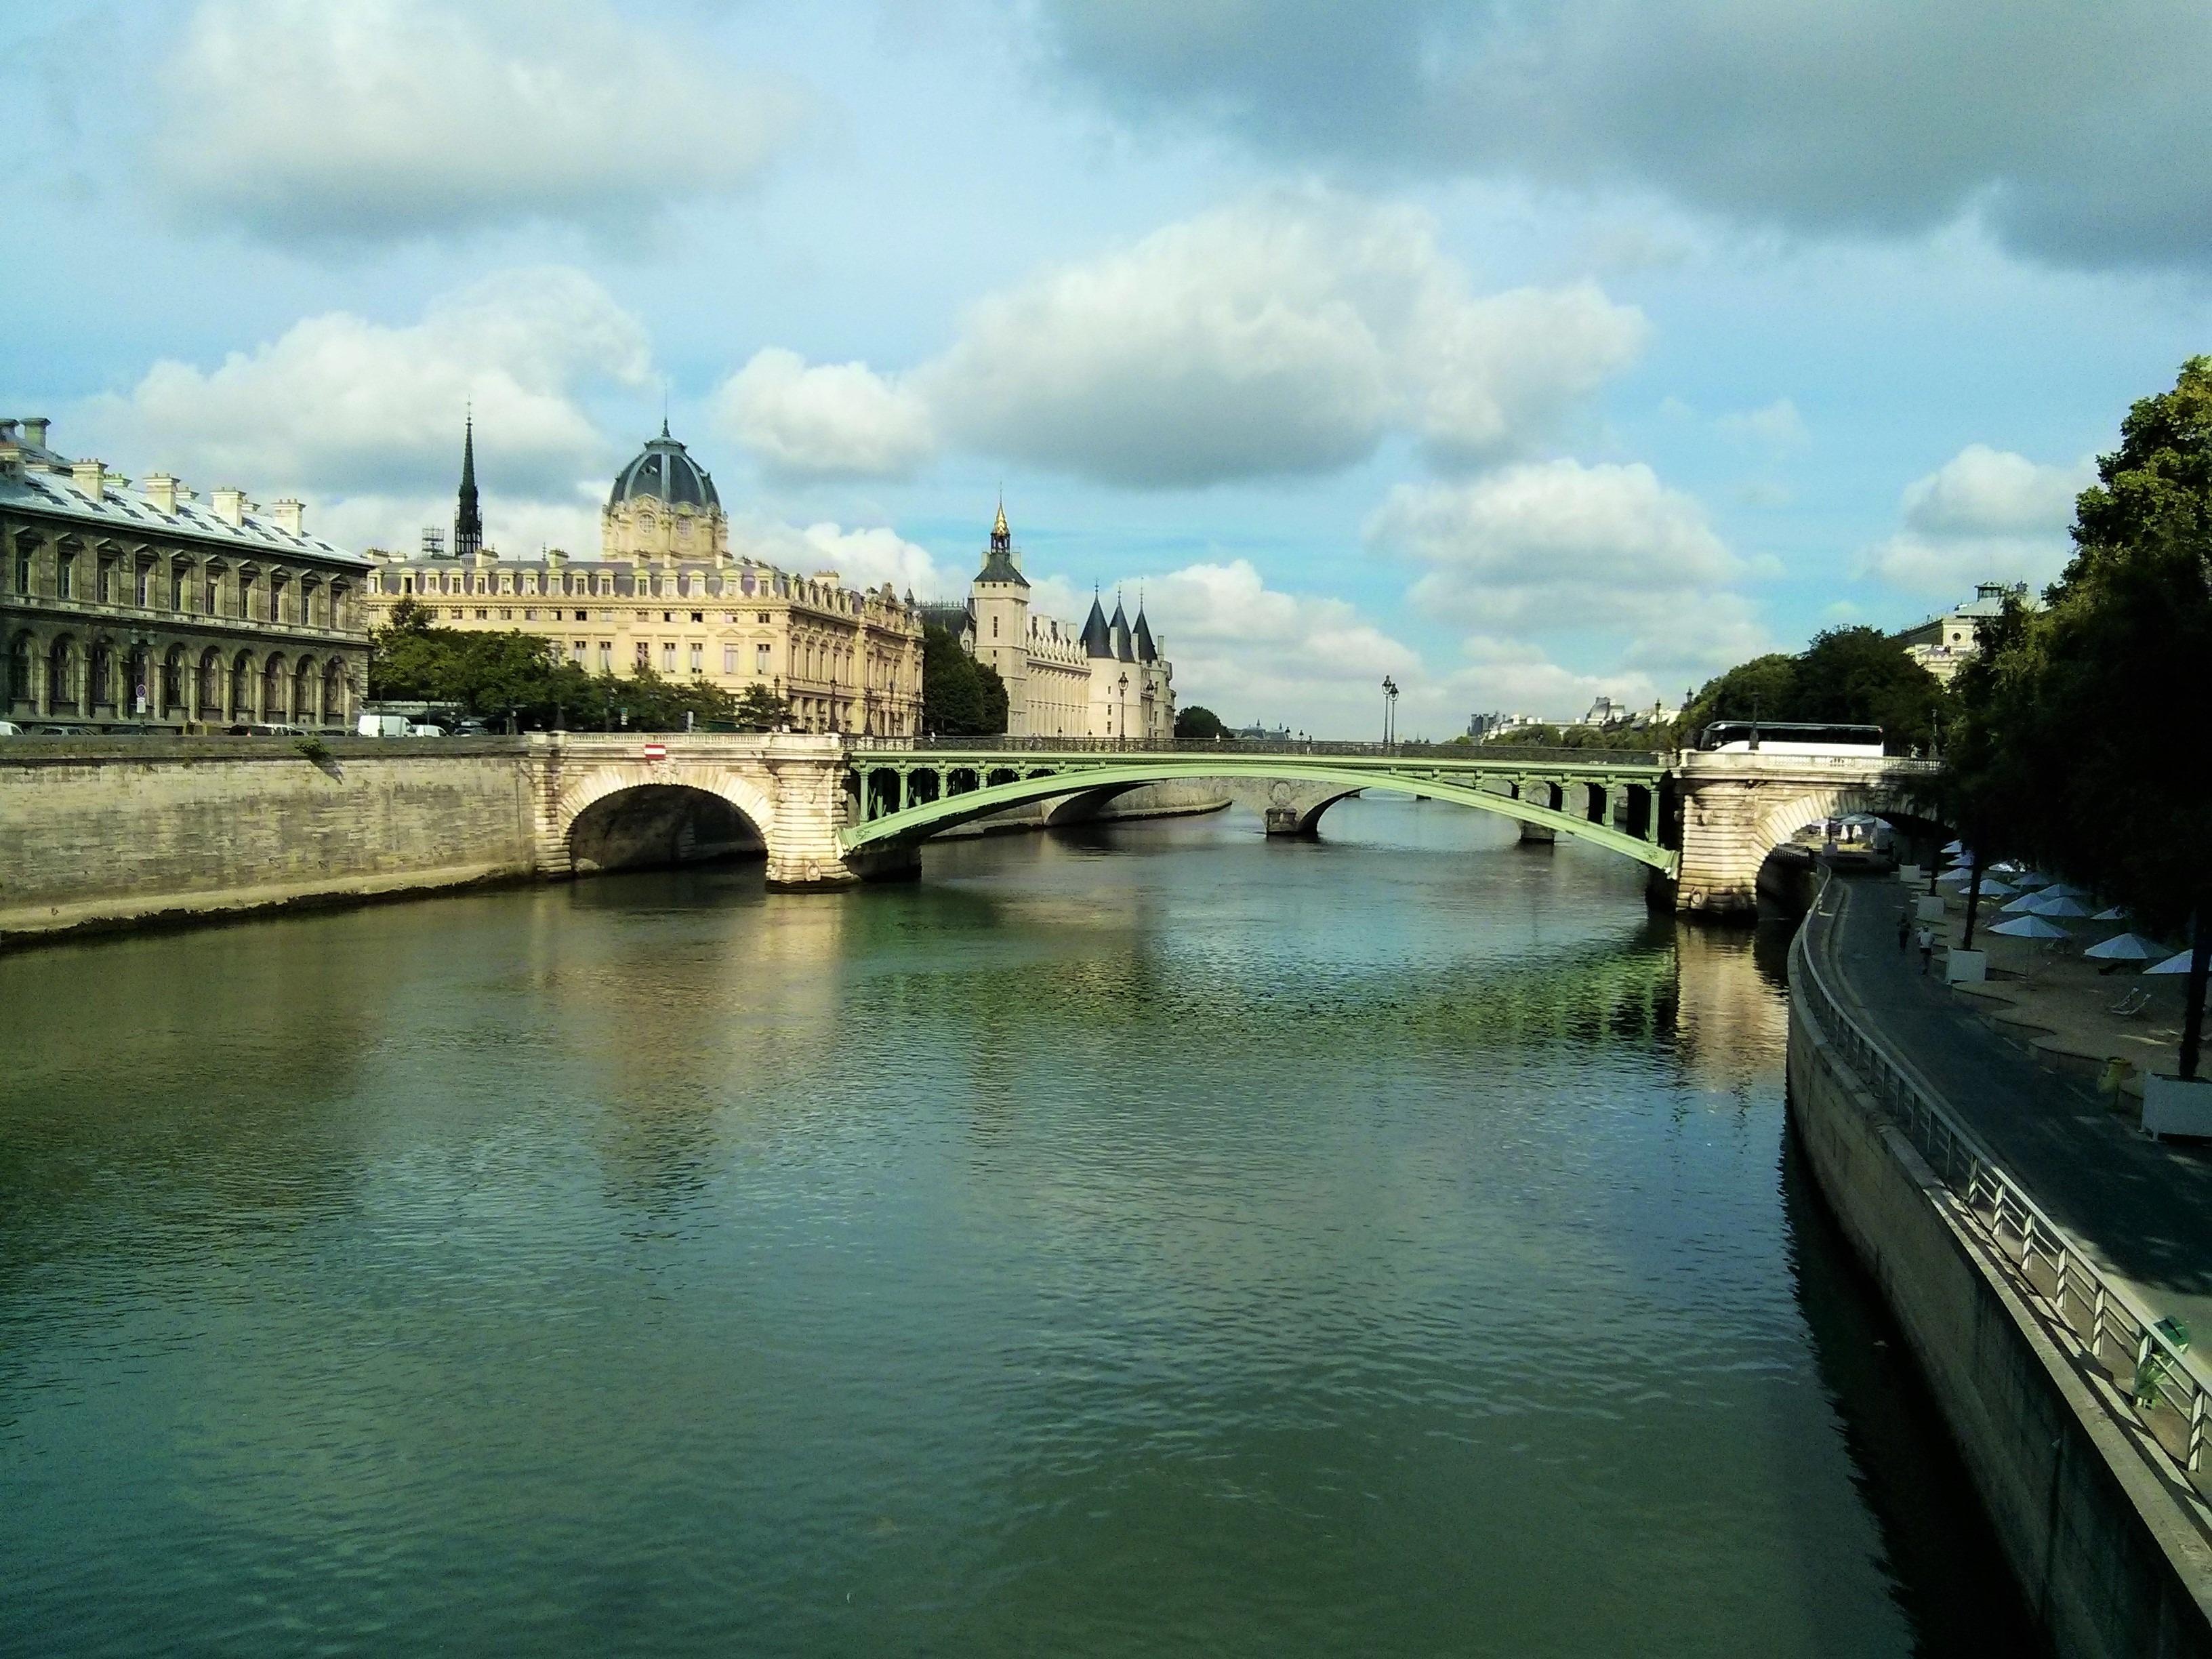 Un itinerario per visitare Parigi - La Senna